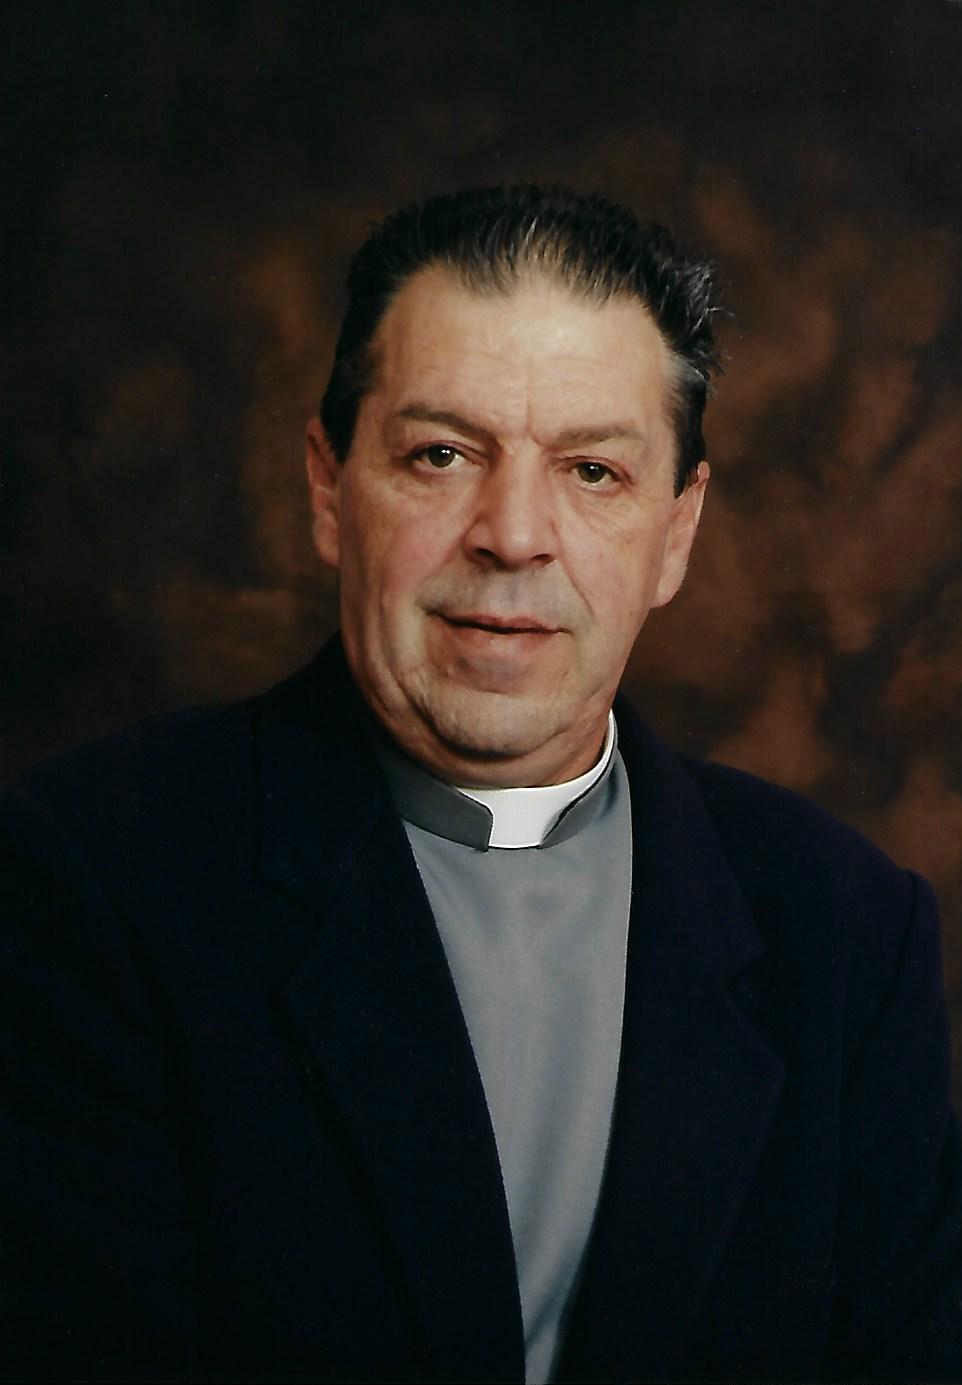 Avis de décès - Résidence funéraire Bernard Longpré Inc. -PROVOST, YVES